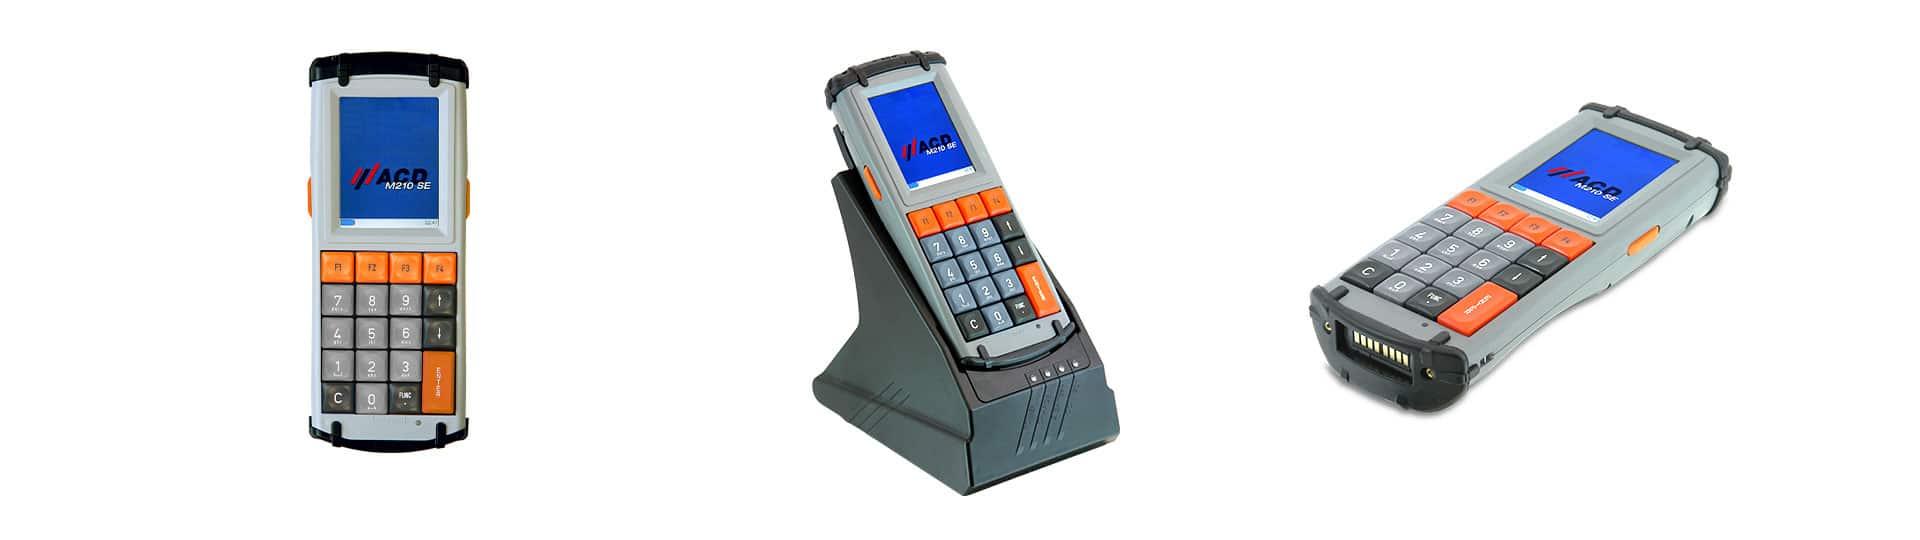 Mobile Geräte im Waren Ein- und Ausgang